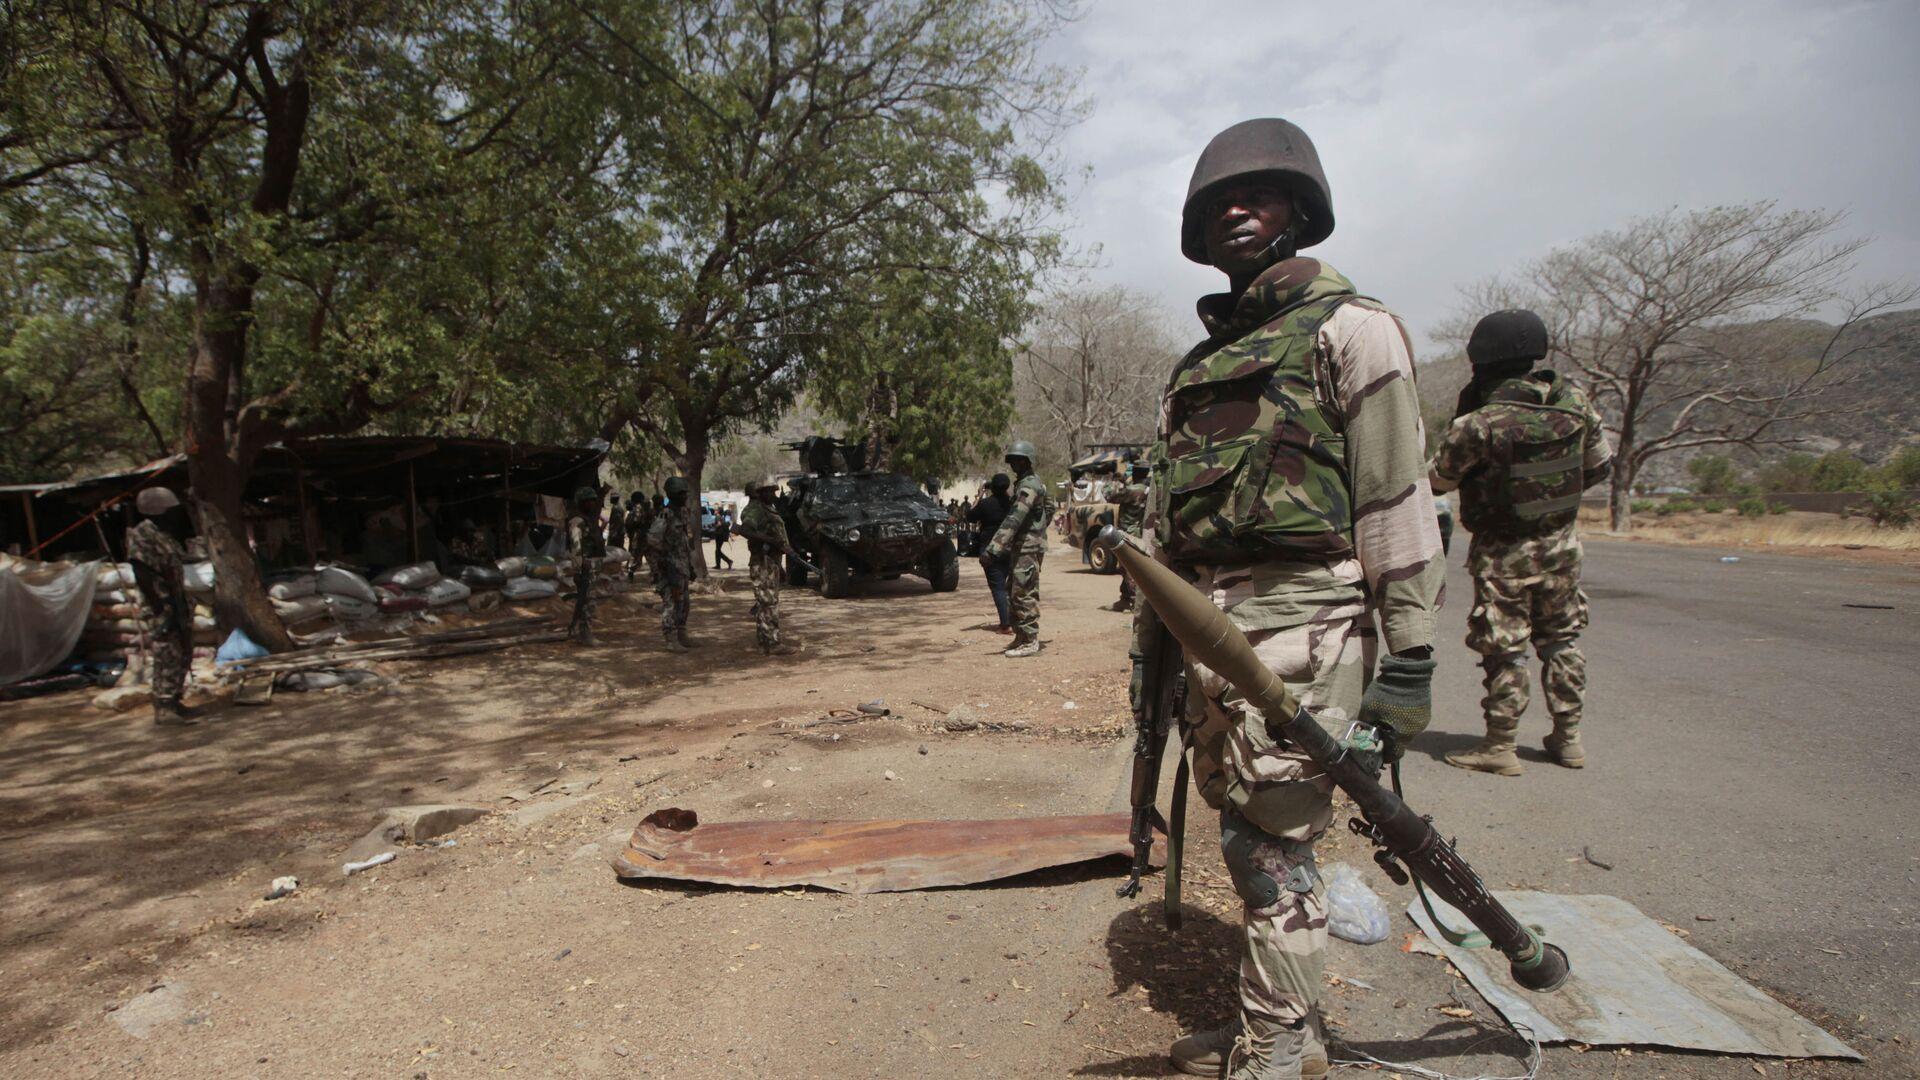 Des soldats nigérians à un poste de contrôle de Gwoza, au Nigeria - Sputnik France, 1920, 16.09.2021